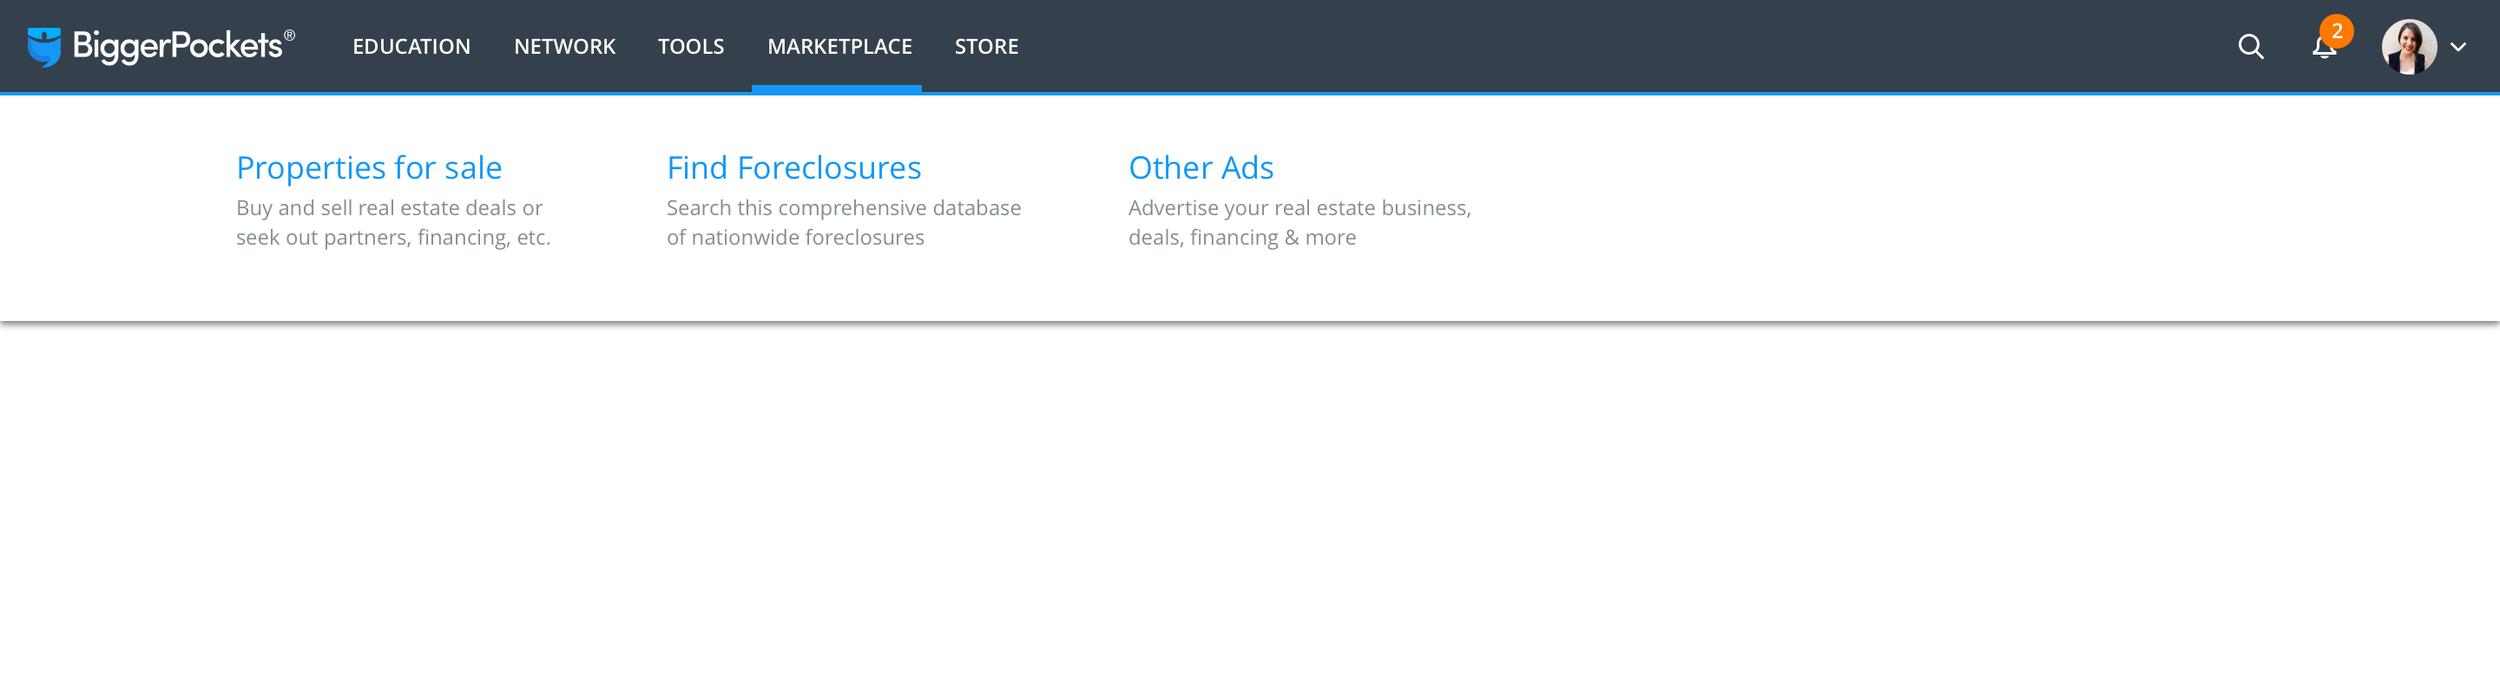 Marketplace - Desktop.png